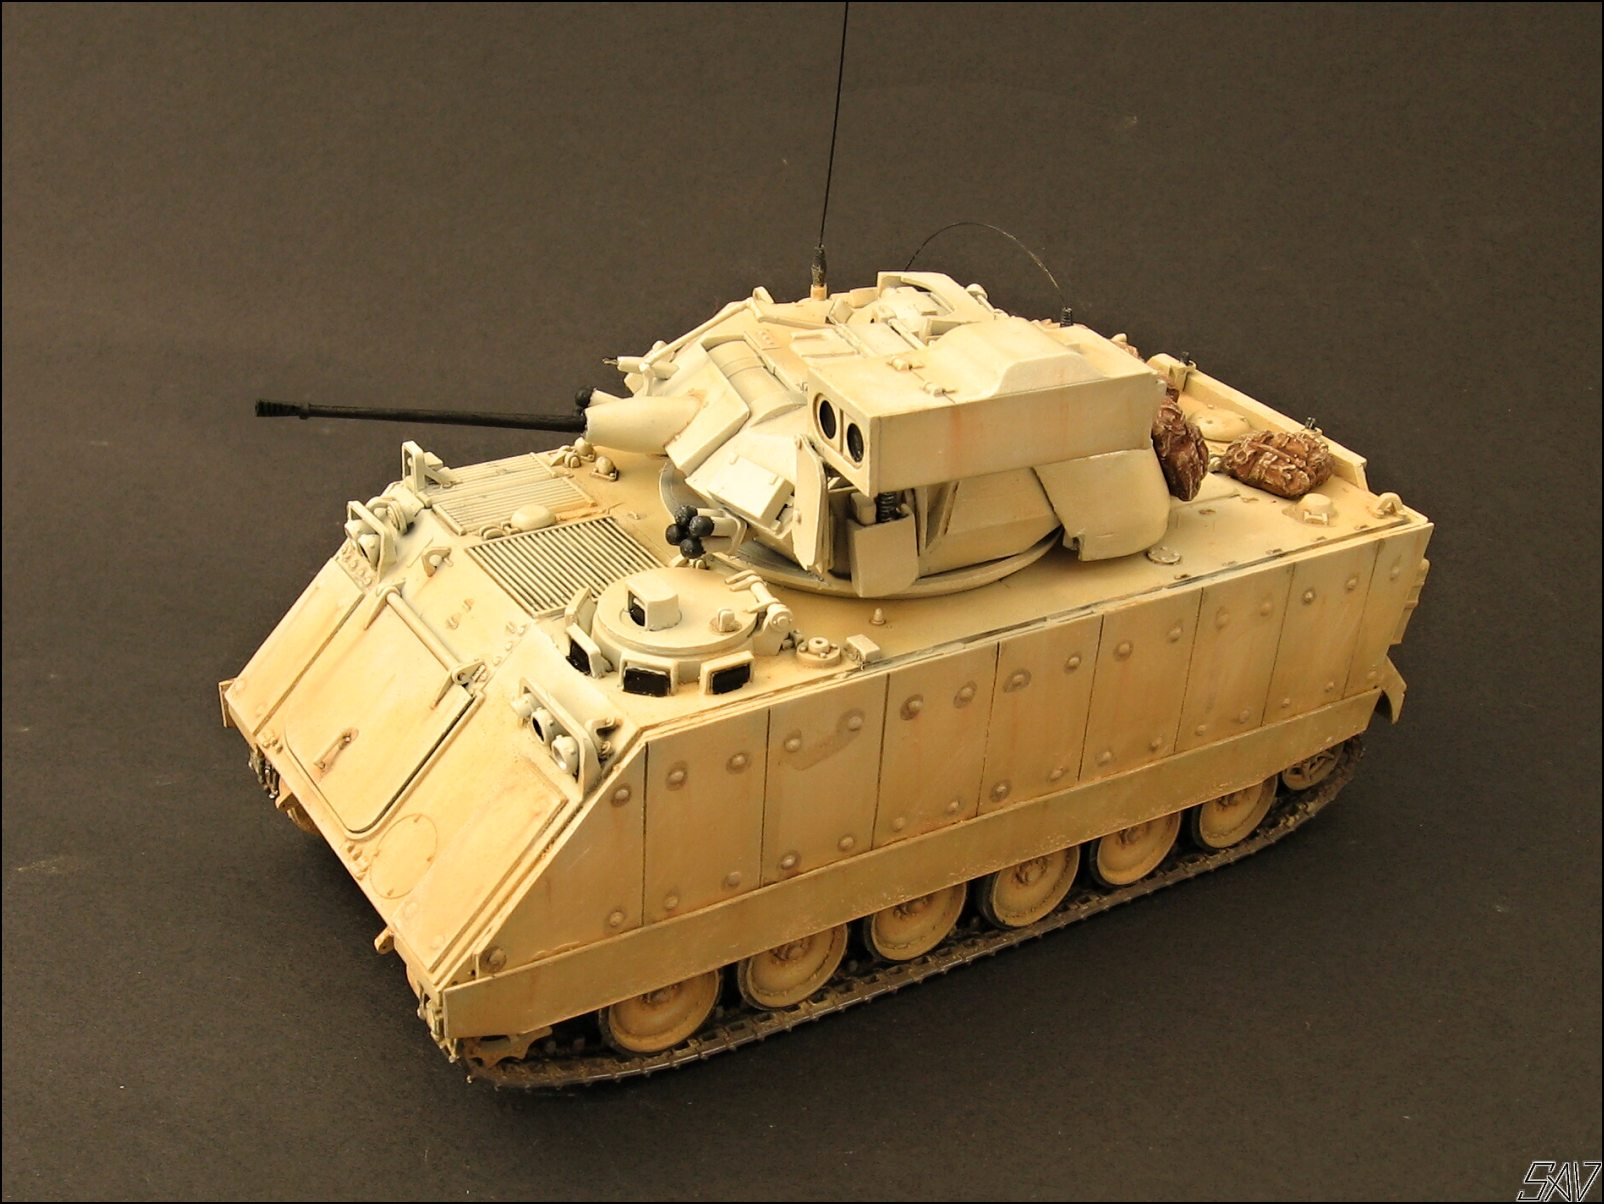 مركبة دعم المشاة القتالية الحديثة Terminator 2 BMPT B30c96e9ef_63363904_o2